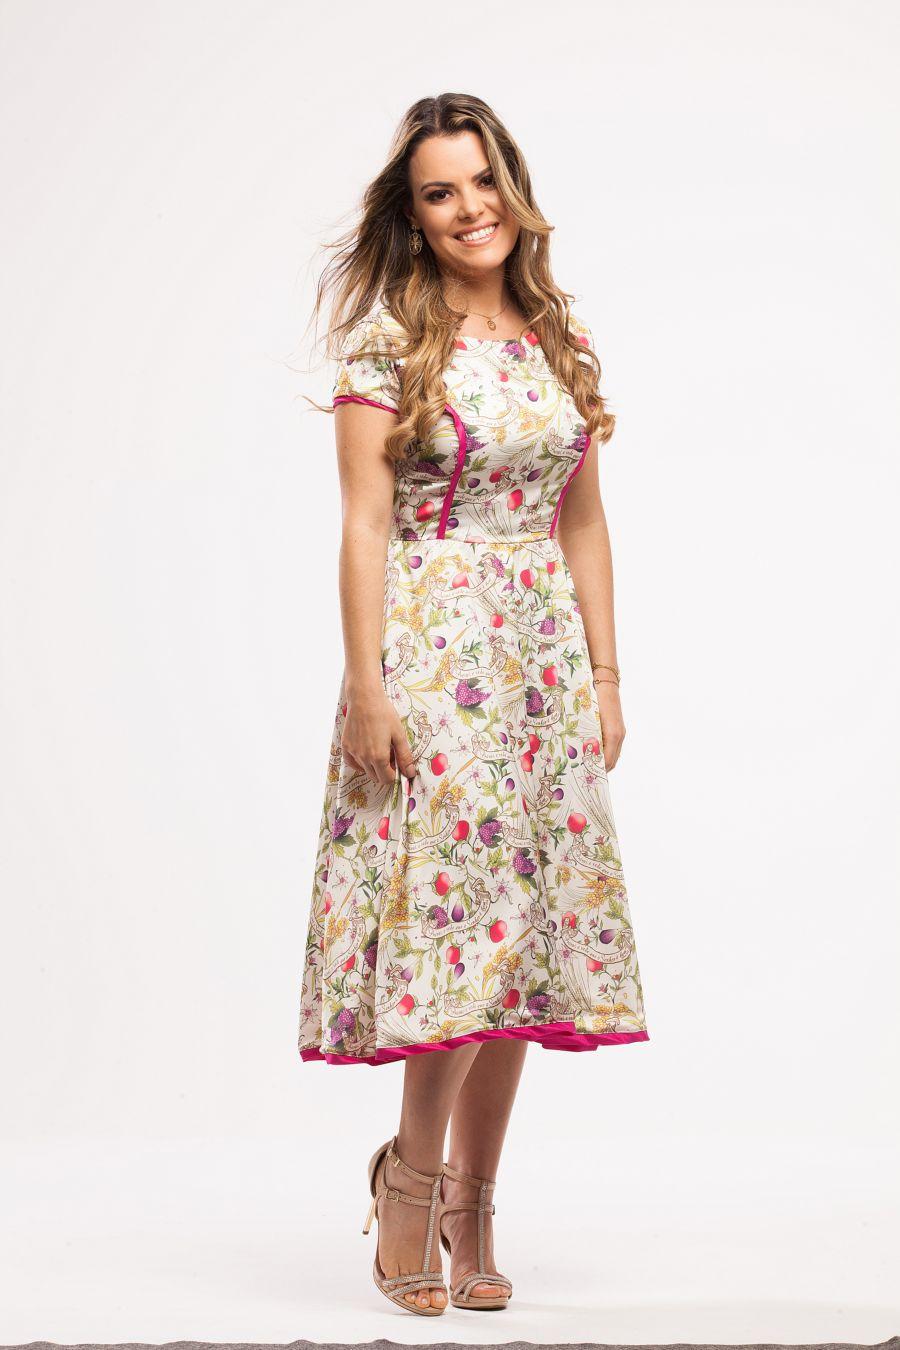 445ae0c4d9d68 Eu tenho esse vestido! Esse eu AMEI! O vestido acinturado e de comprimento  midi